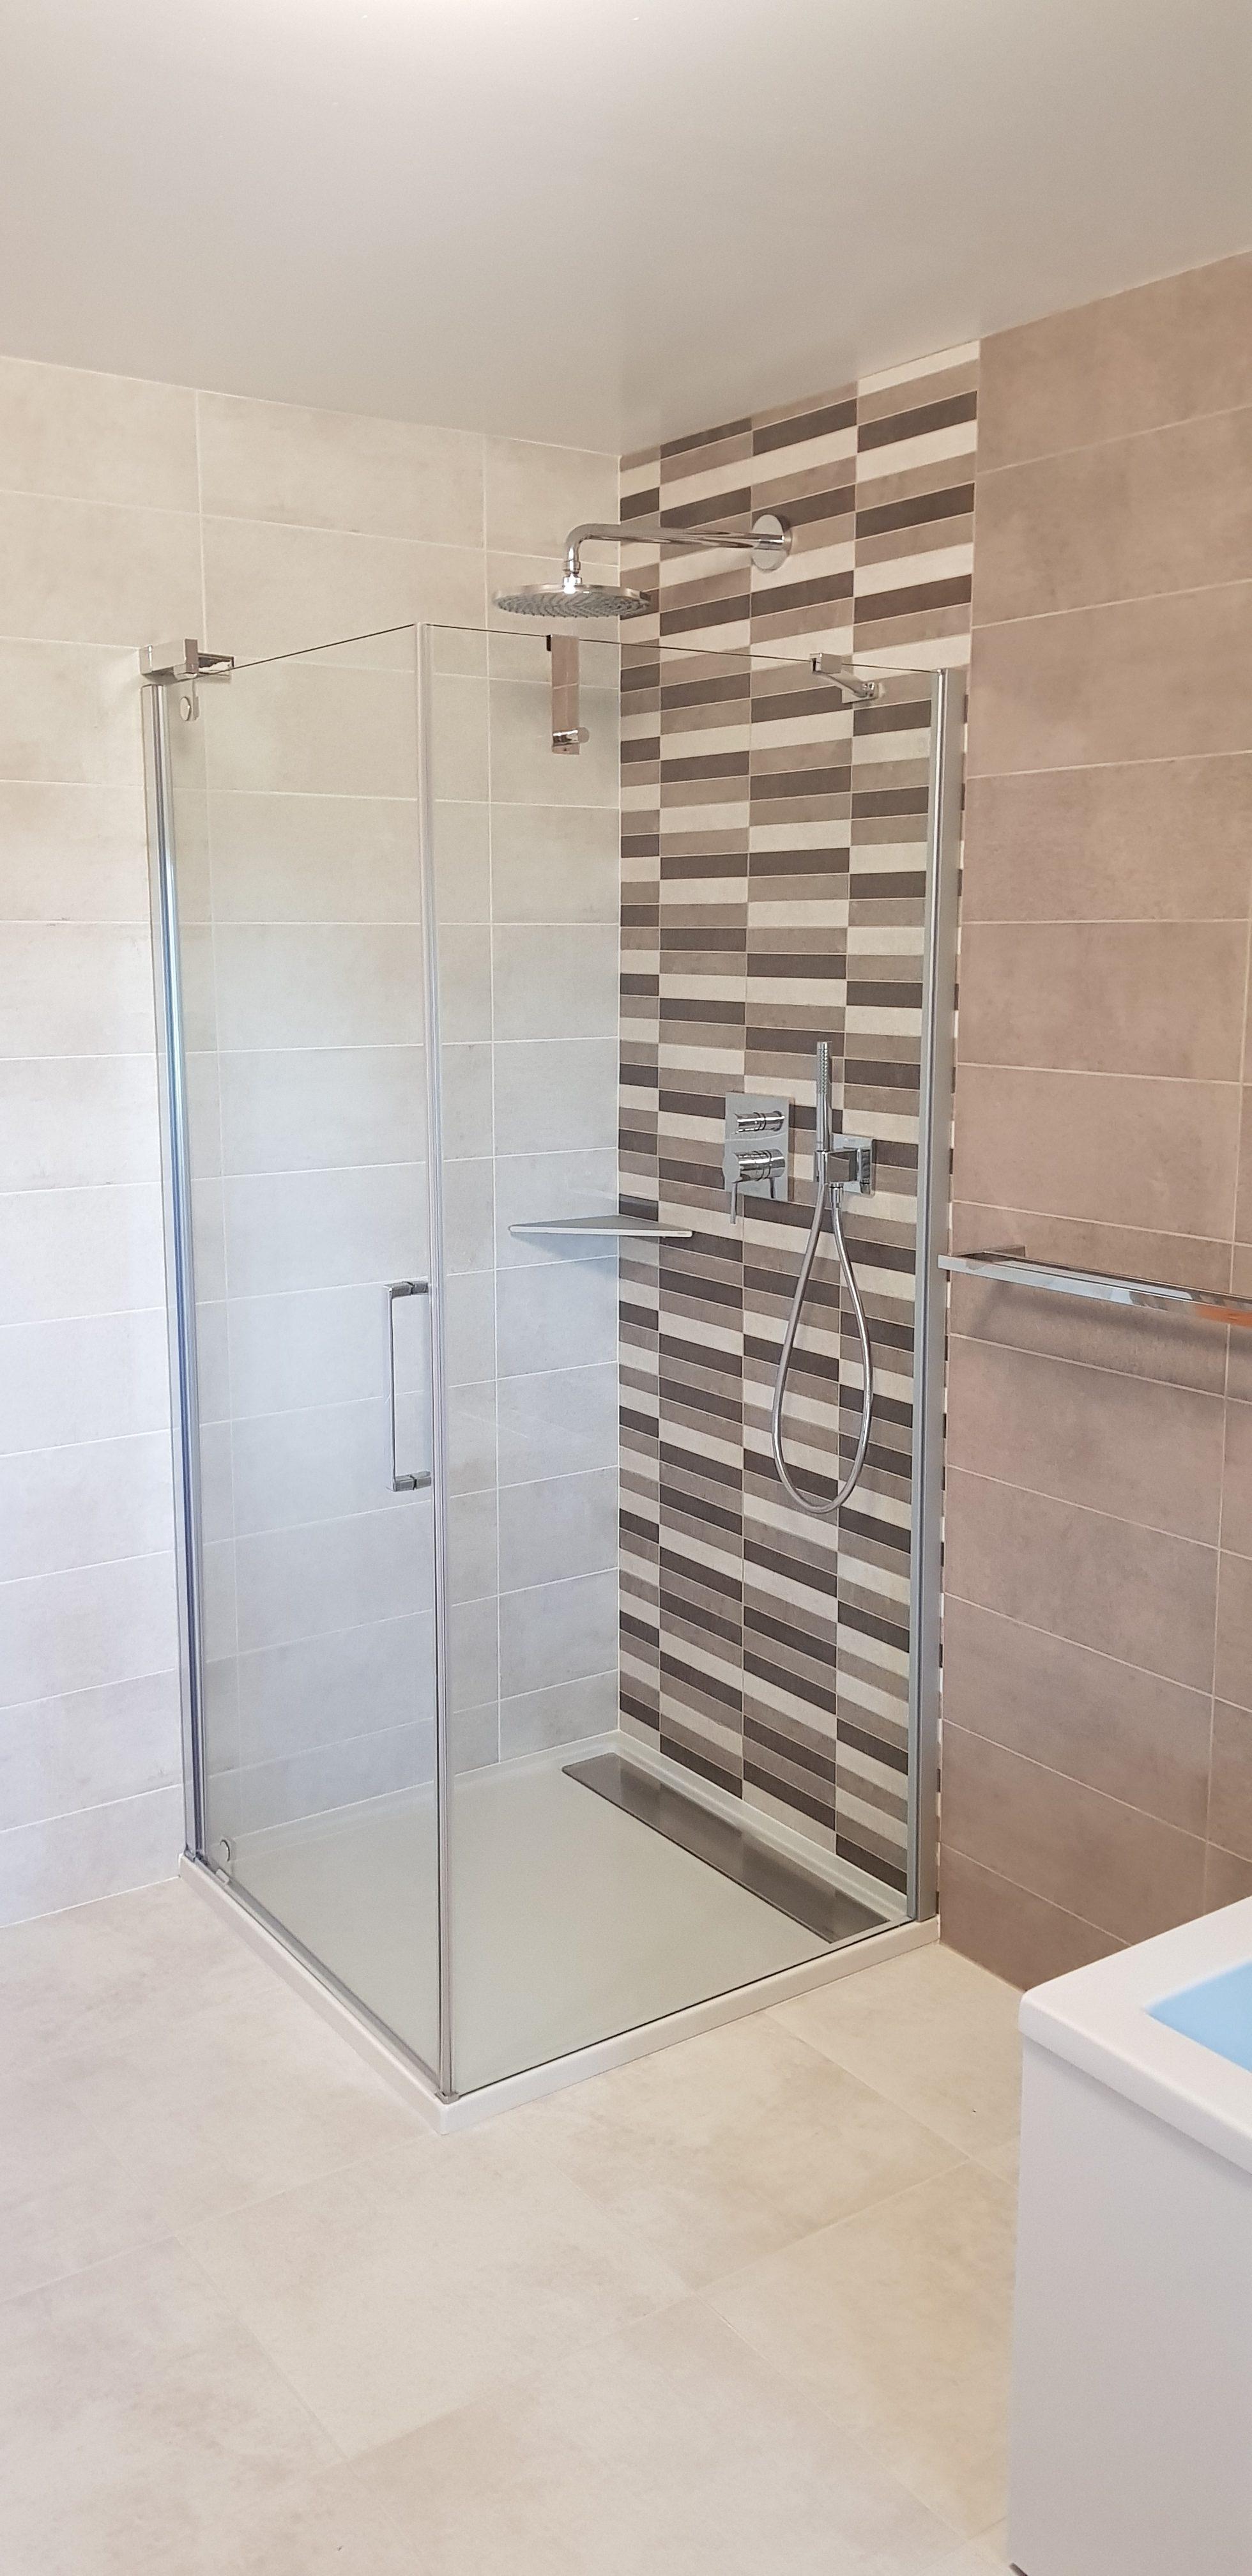 Salle de bain, installation et rénovation - A.P. Savoies ...